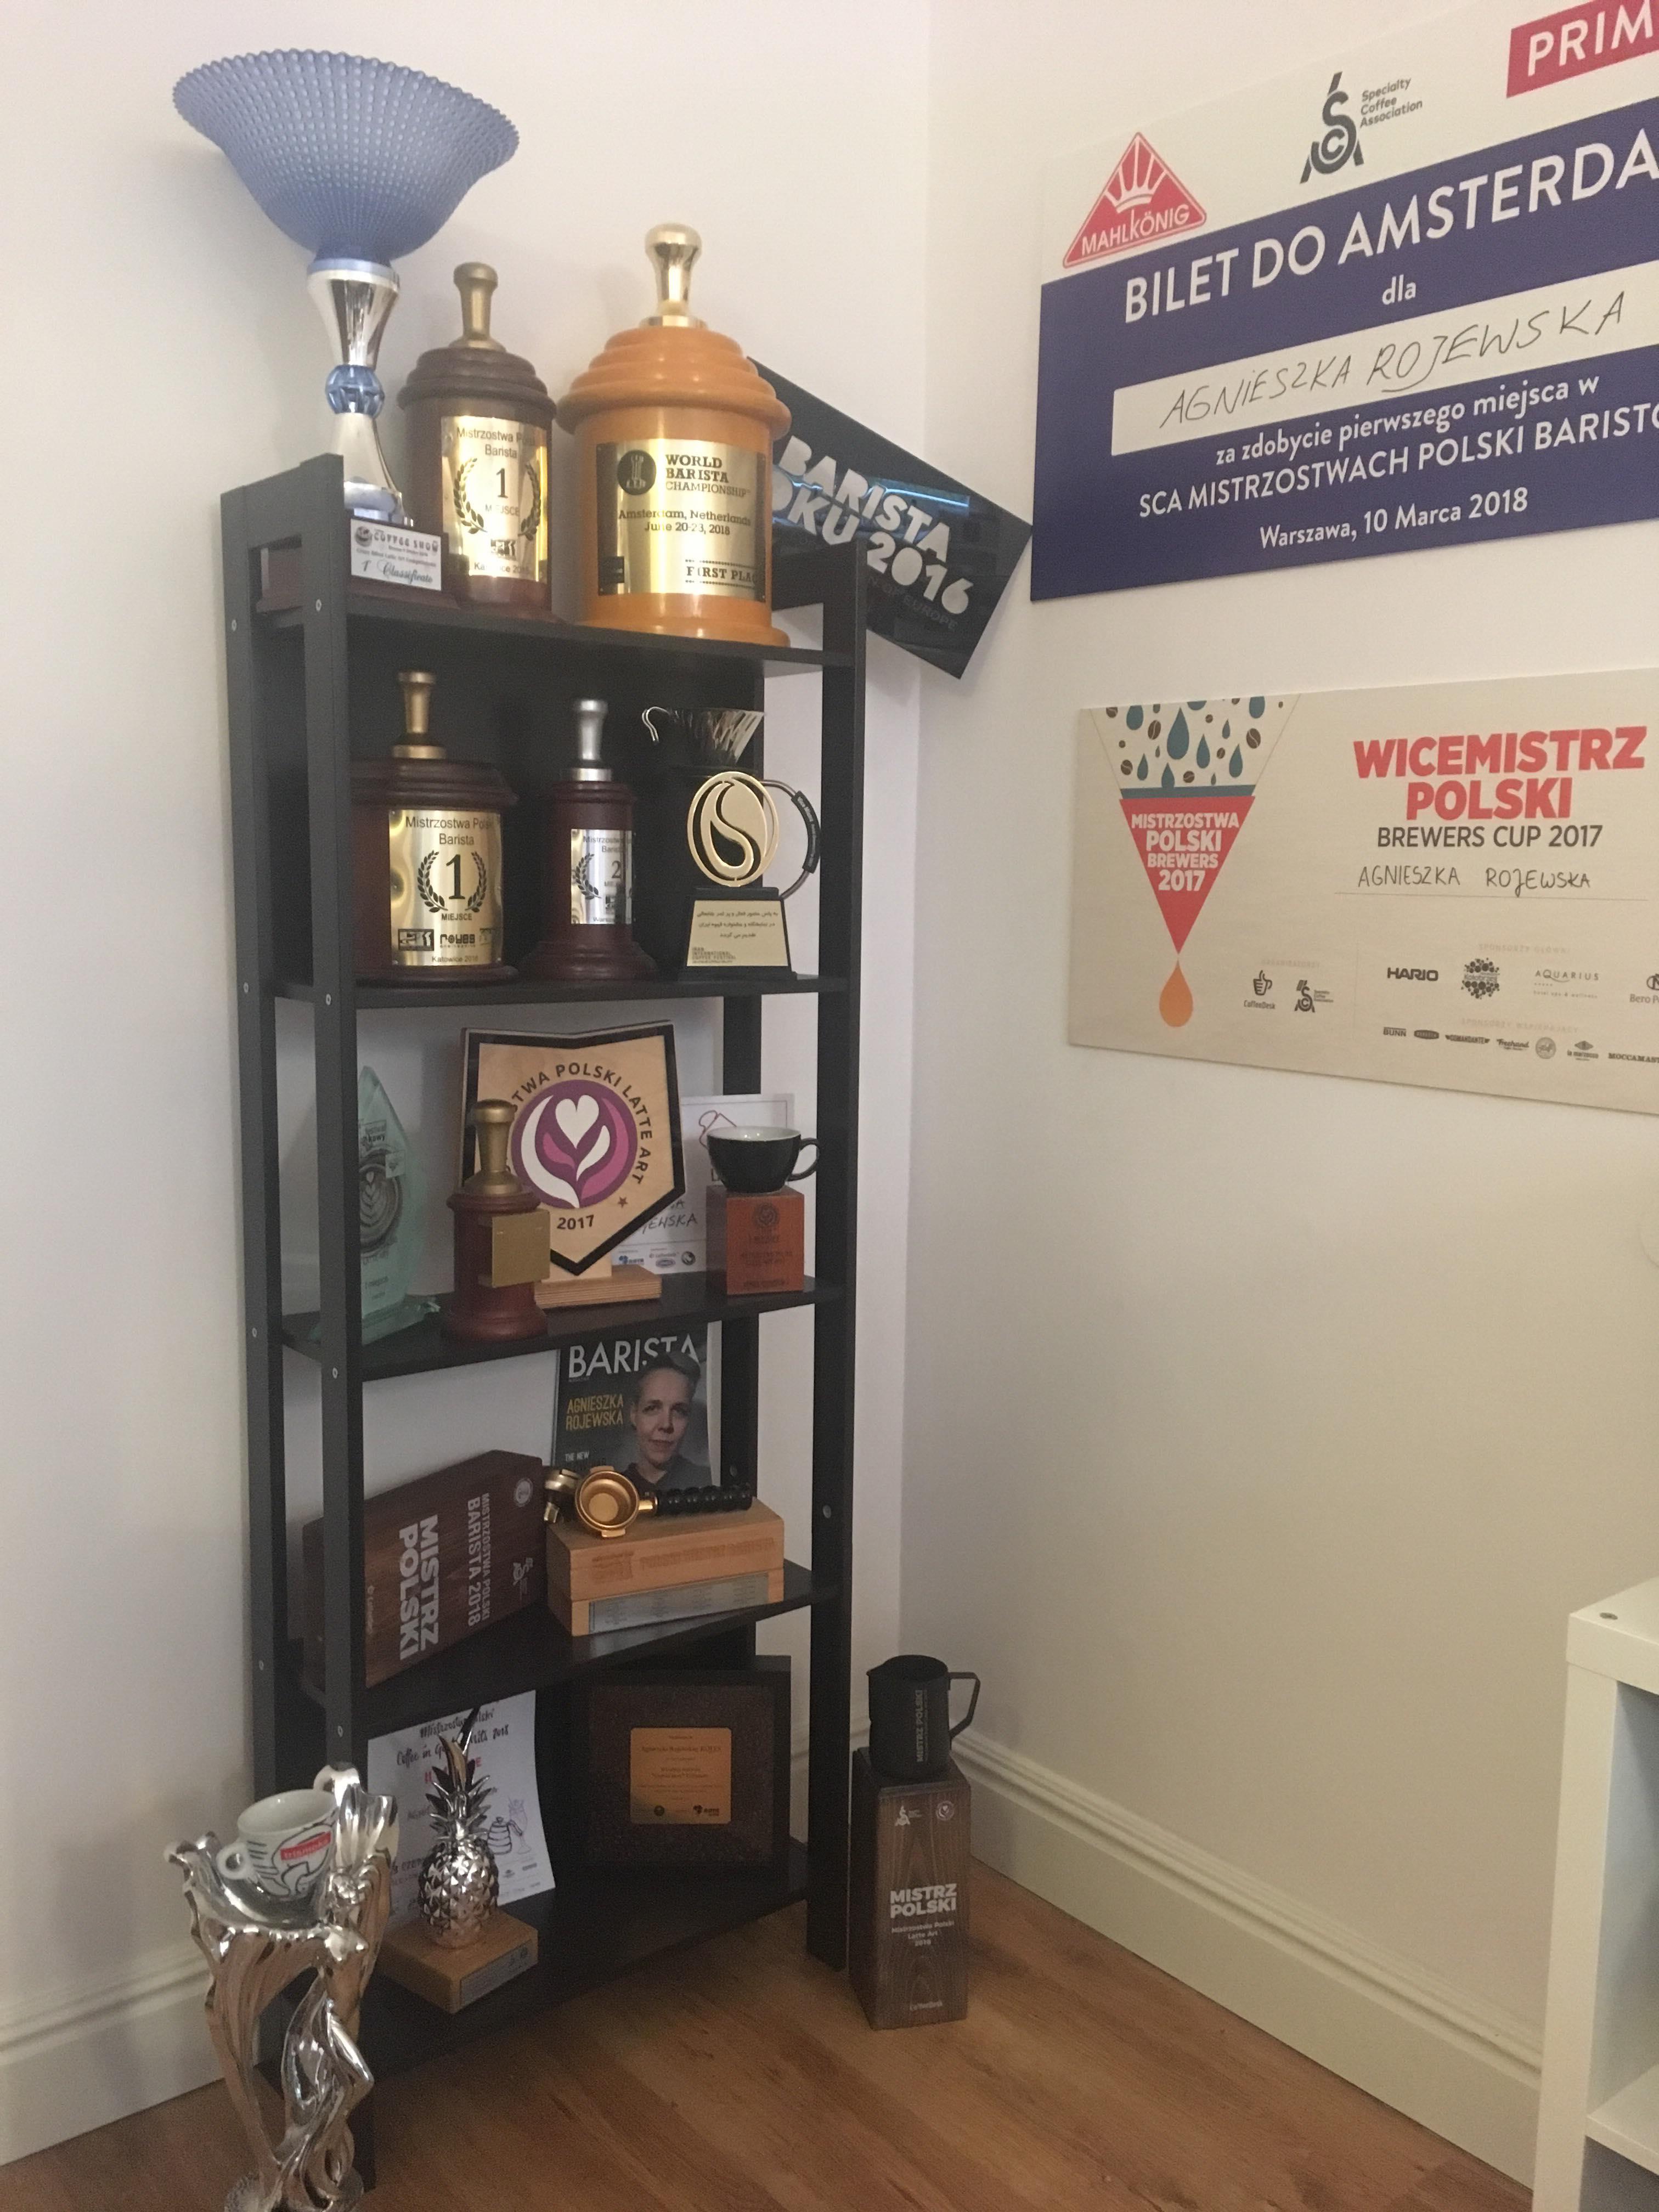 agnieszka rojewska trophy